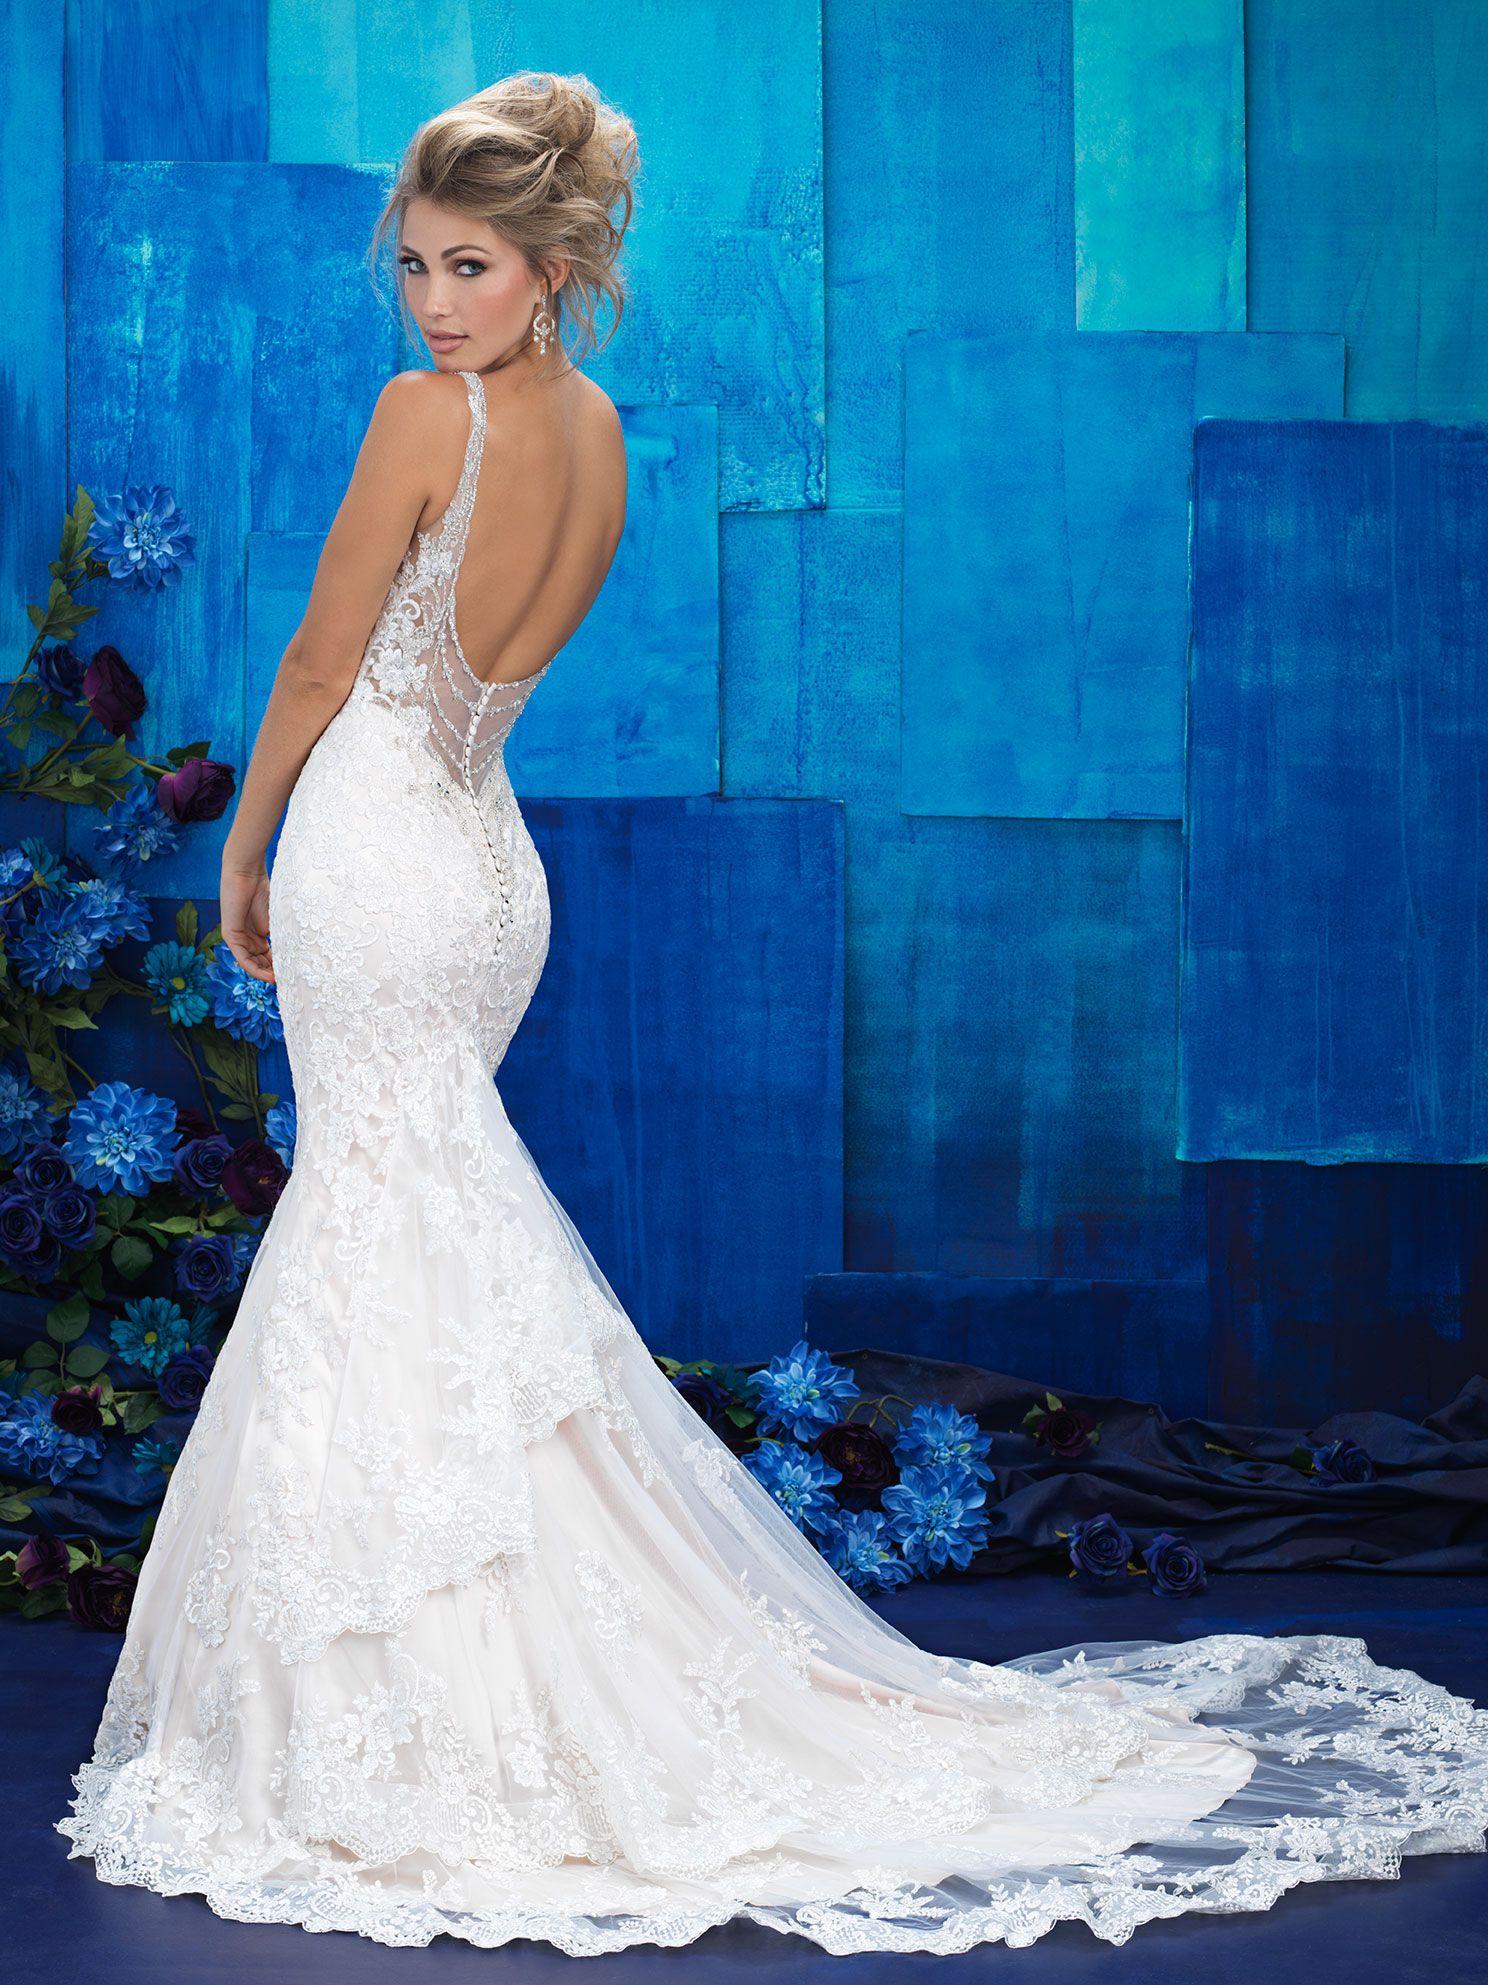 fd43a048b Vestido de Novia Escote Espalda - Alquiler y Venta de Vestidos de Novia en  Cali - Maribel Arango Novias - Separa tu Cita con Nuestras Asesoras